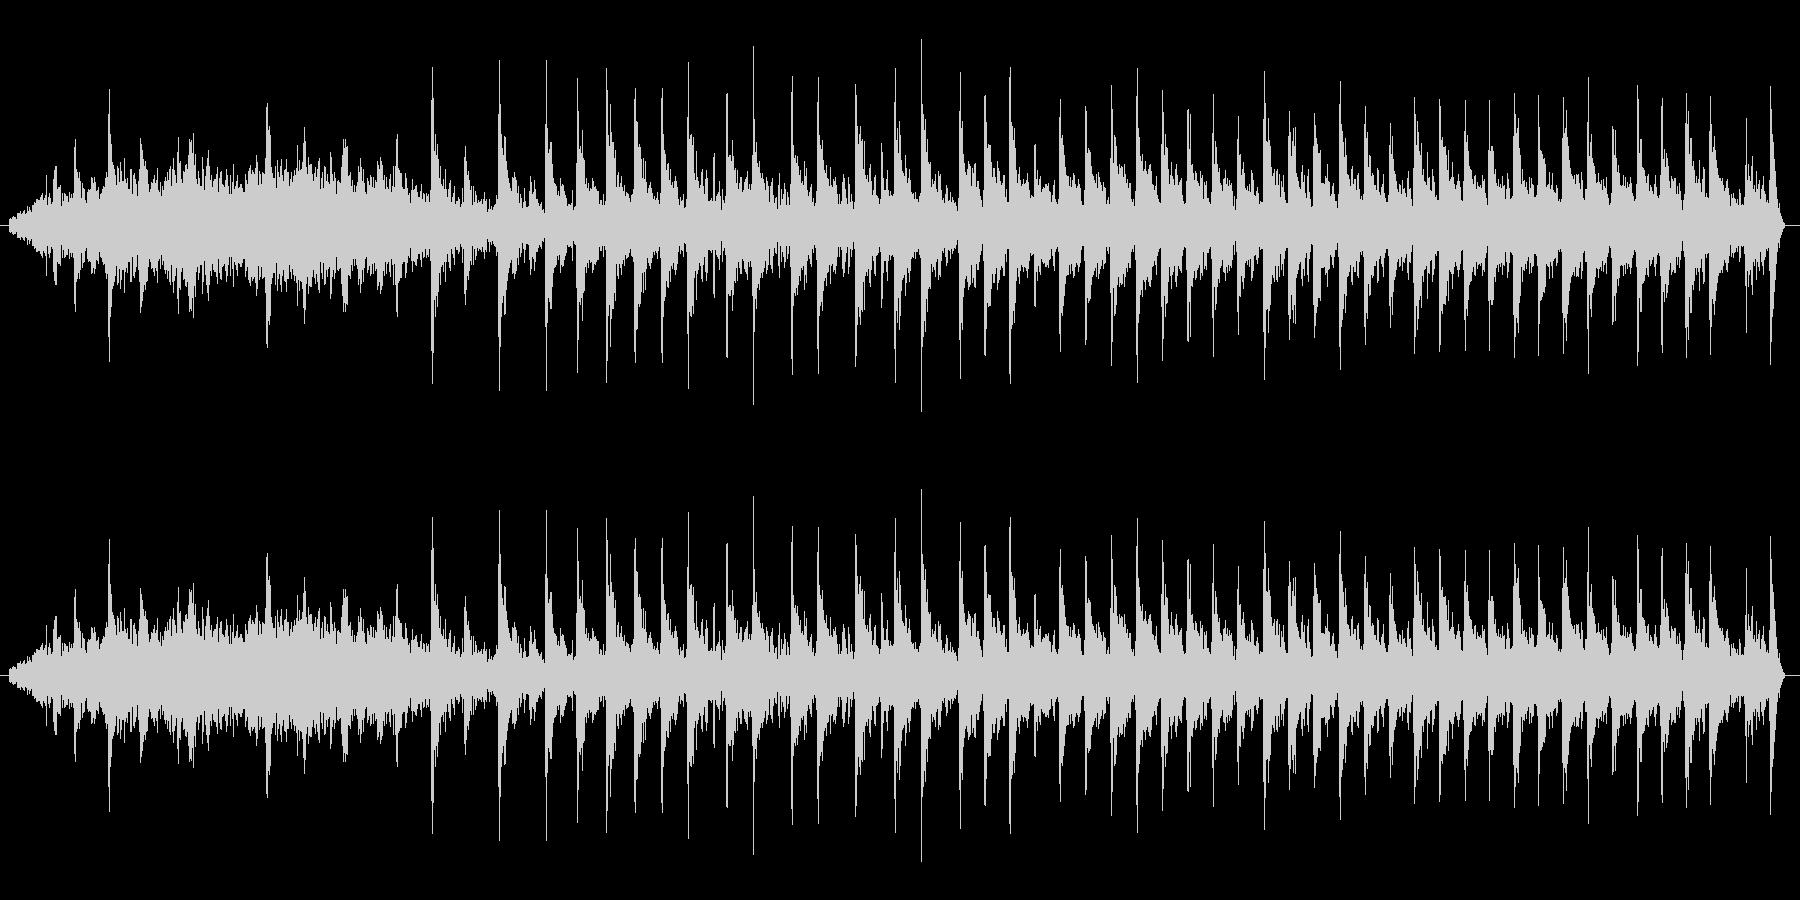 【生音】ギュルルドドド。原付エンジン音の未再生の波形